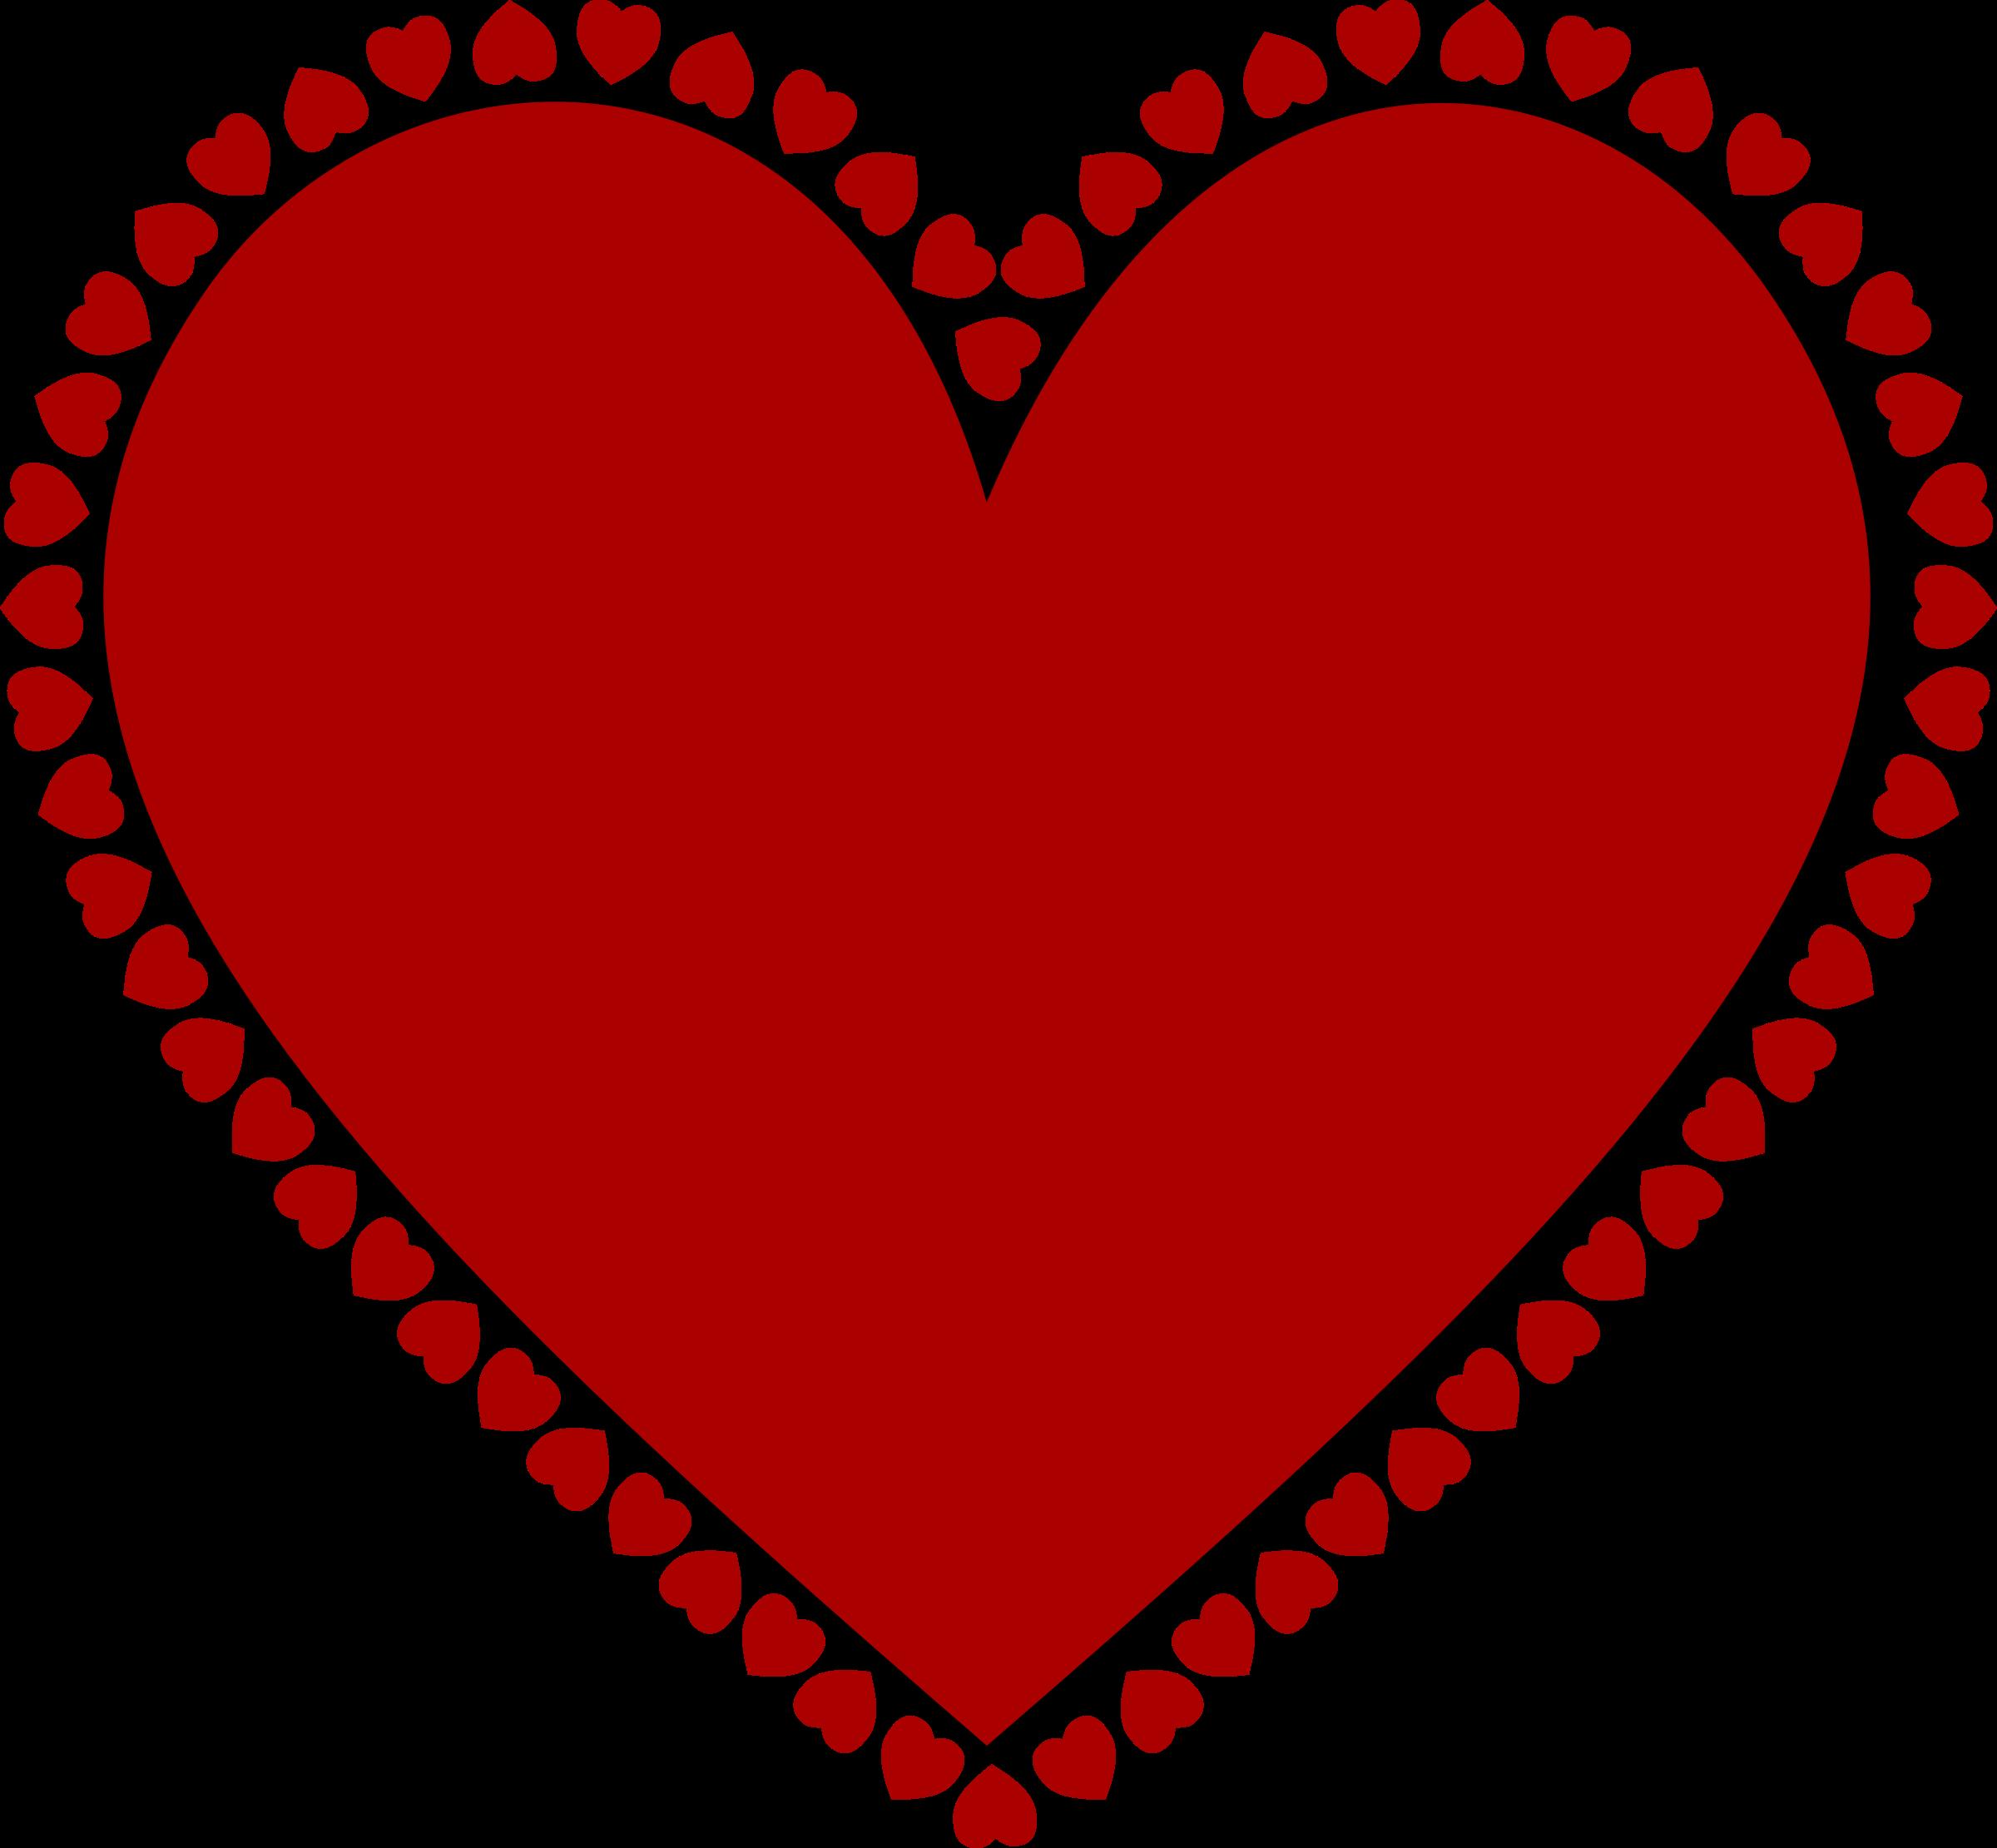 Hearts PNG HD  - 126530